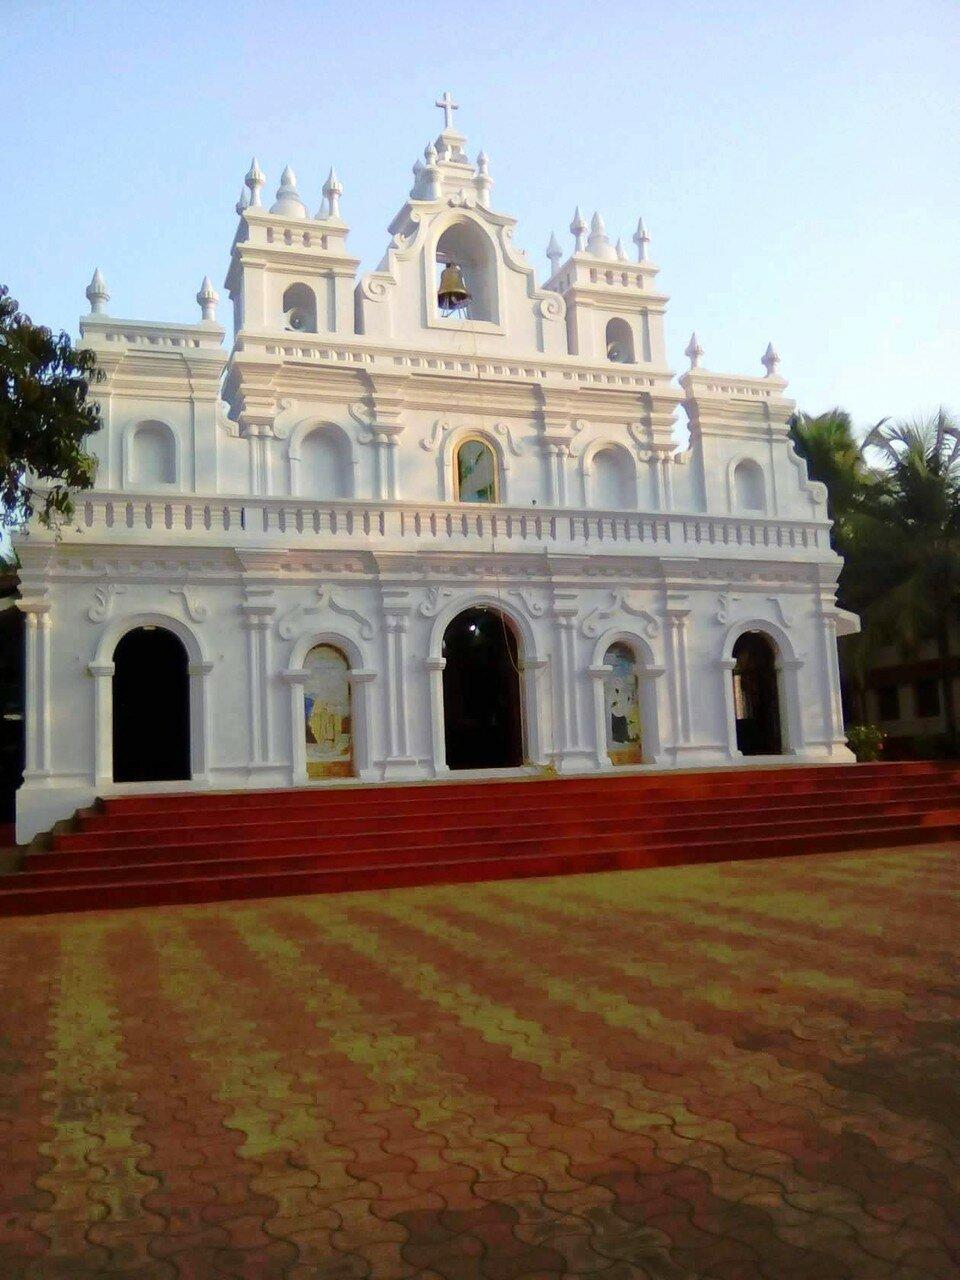 Католическая церковь. Индия. Февраль 2017.Фото В. Лана 02.jpg